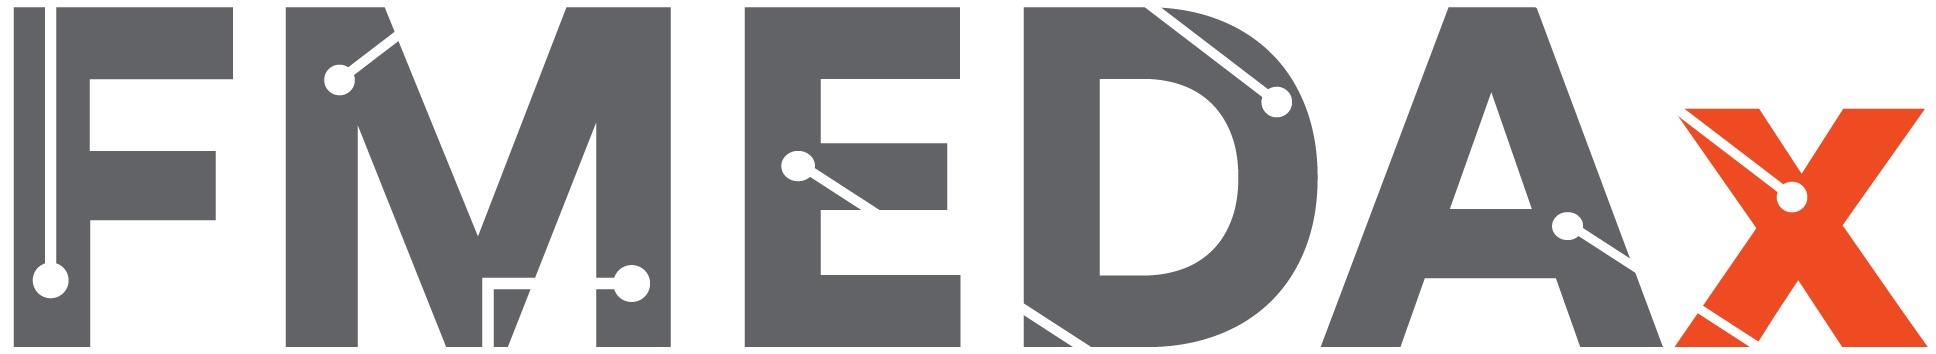 FMEDAx